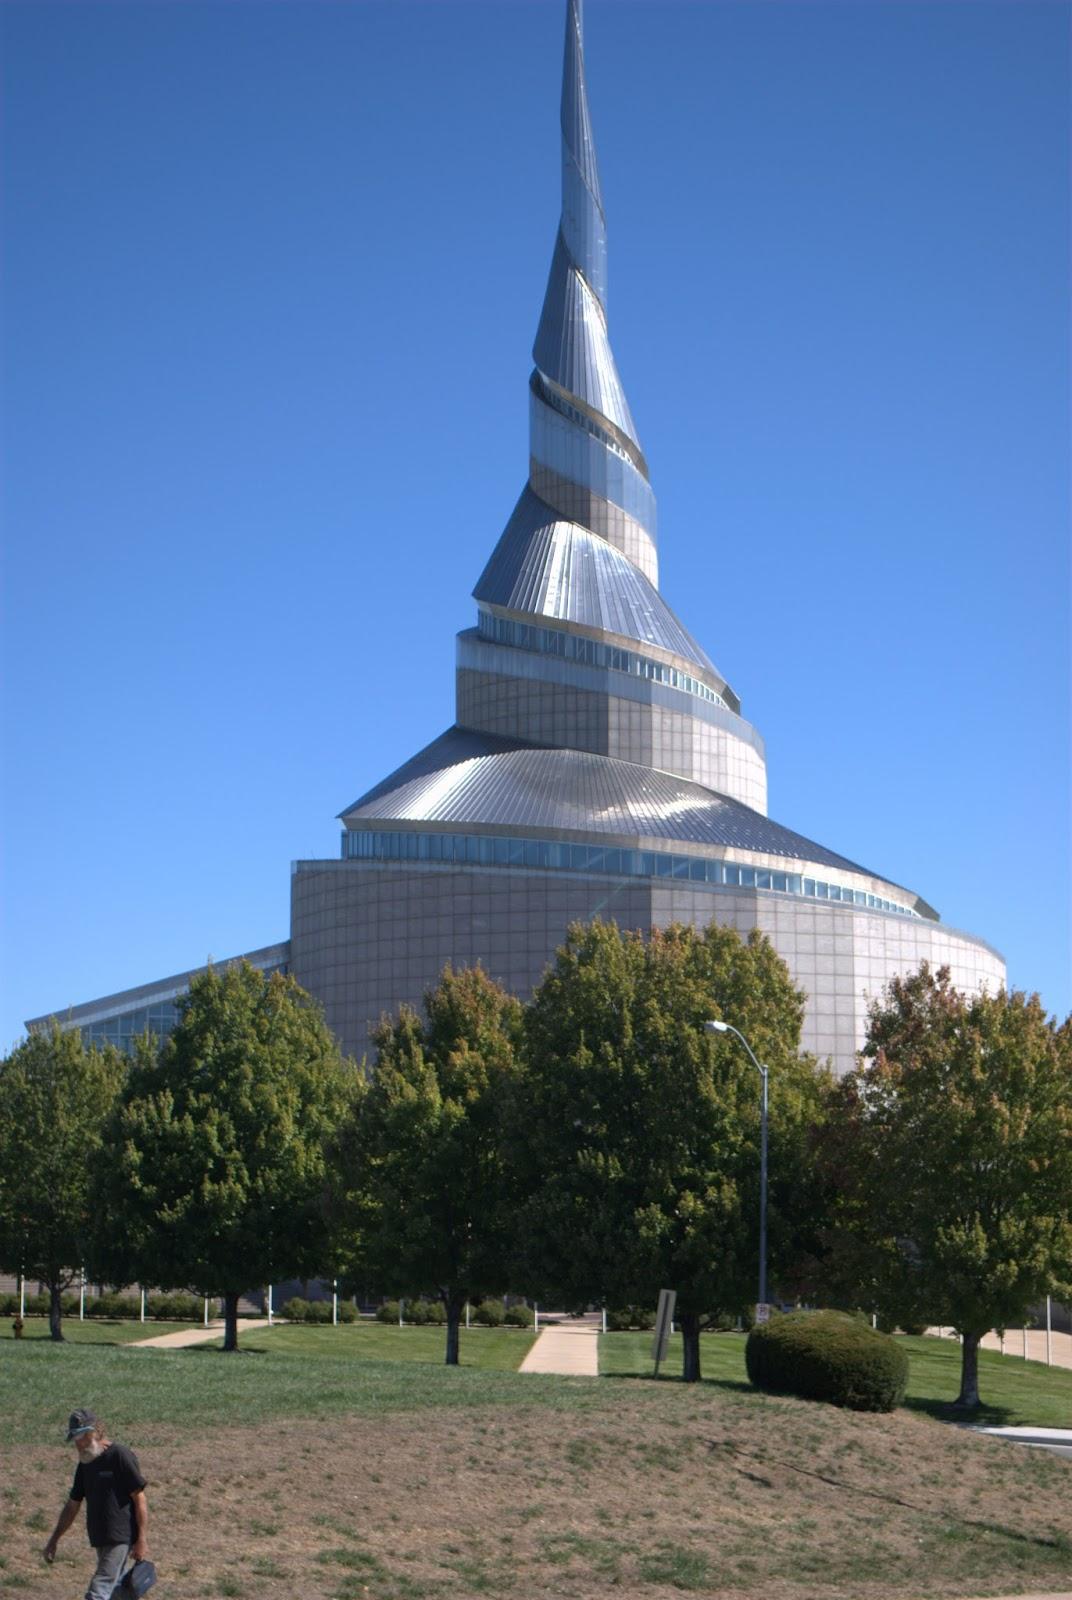 معبد الاستقلال2 - من موقع inspired-architecture